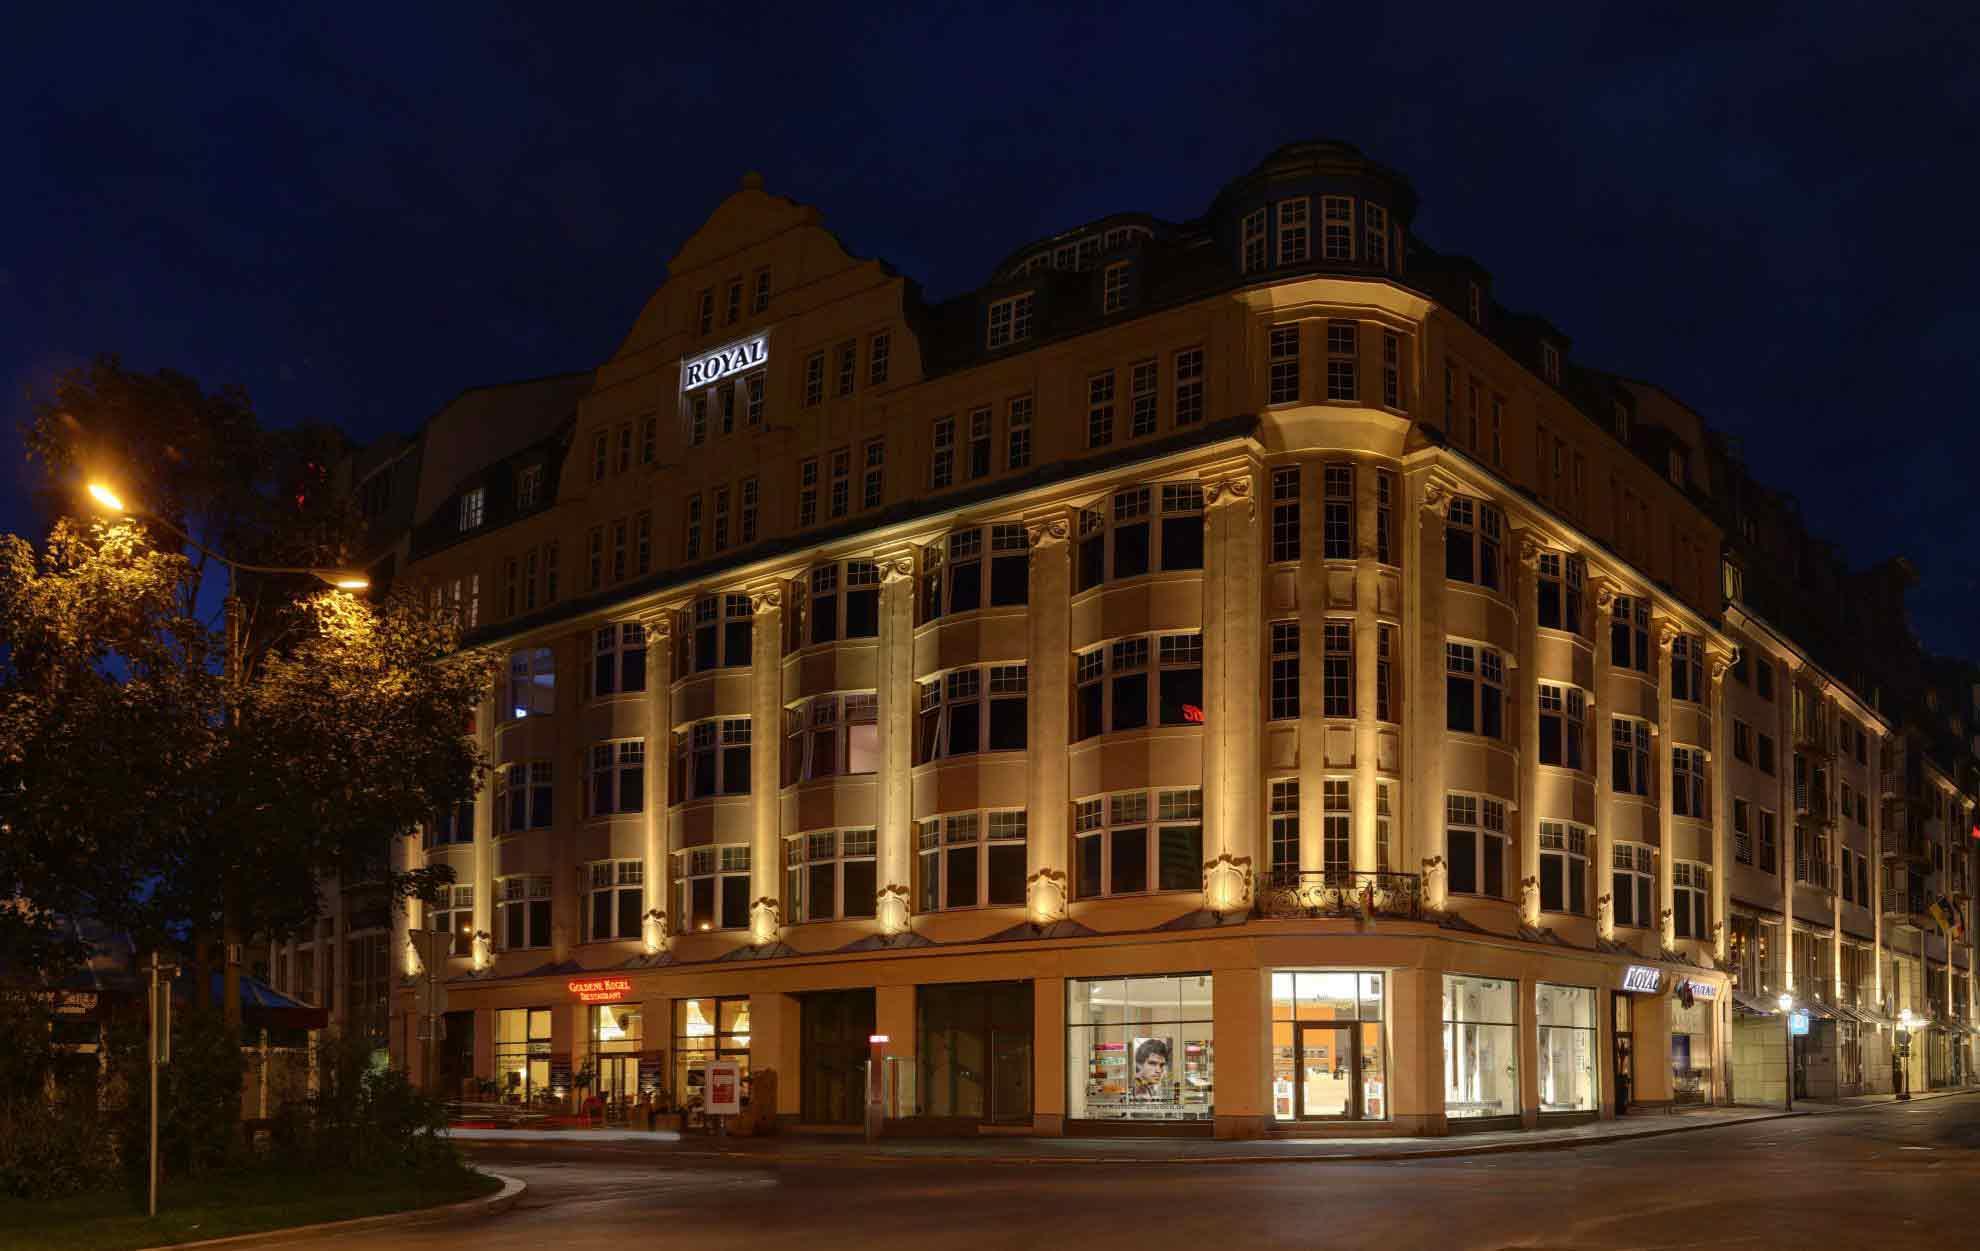 ライプツィヒ: ロイヤル・インターナショナル Royal International Leipzig